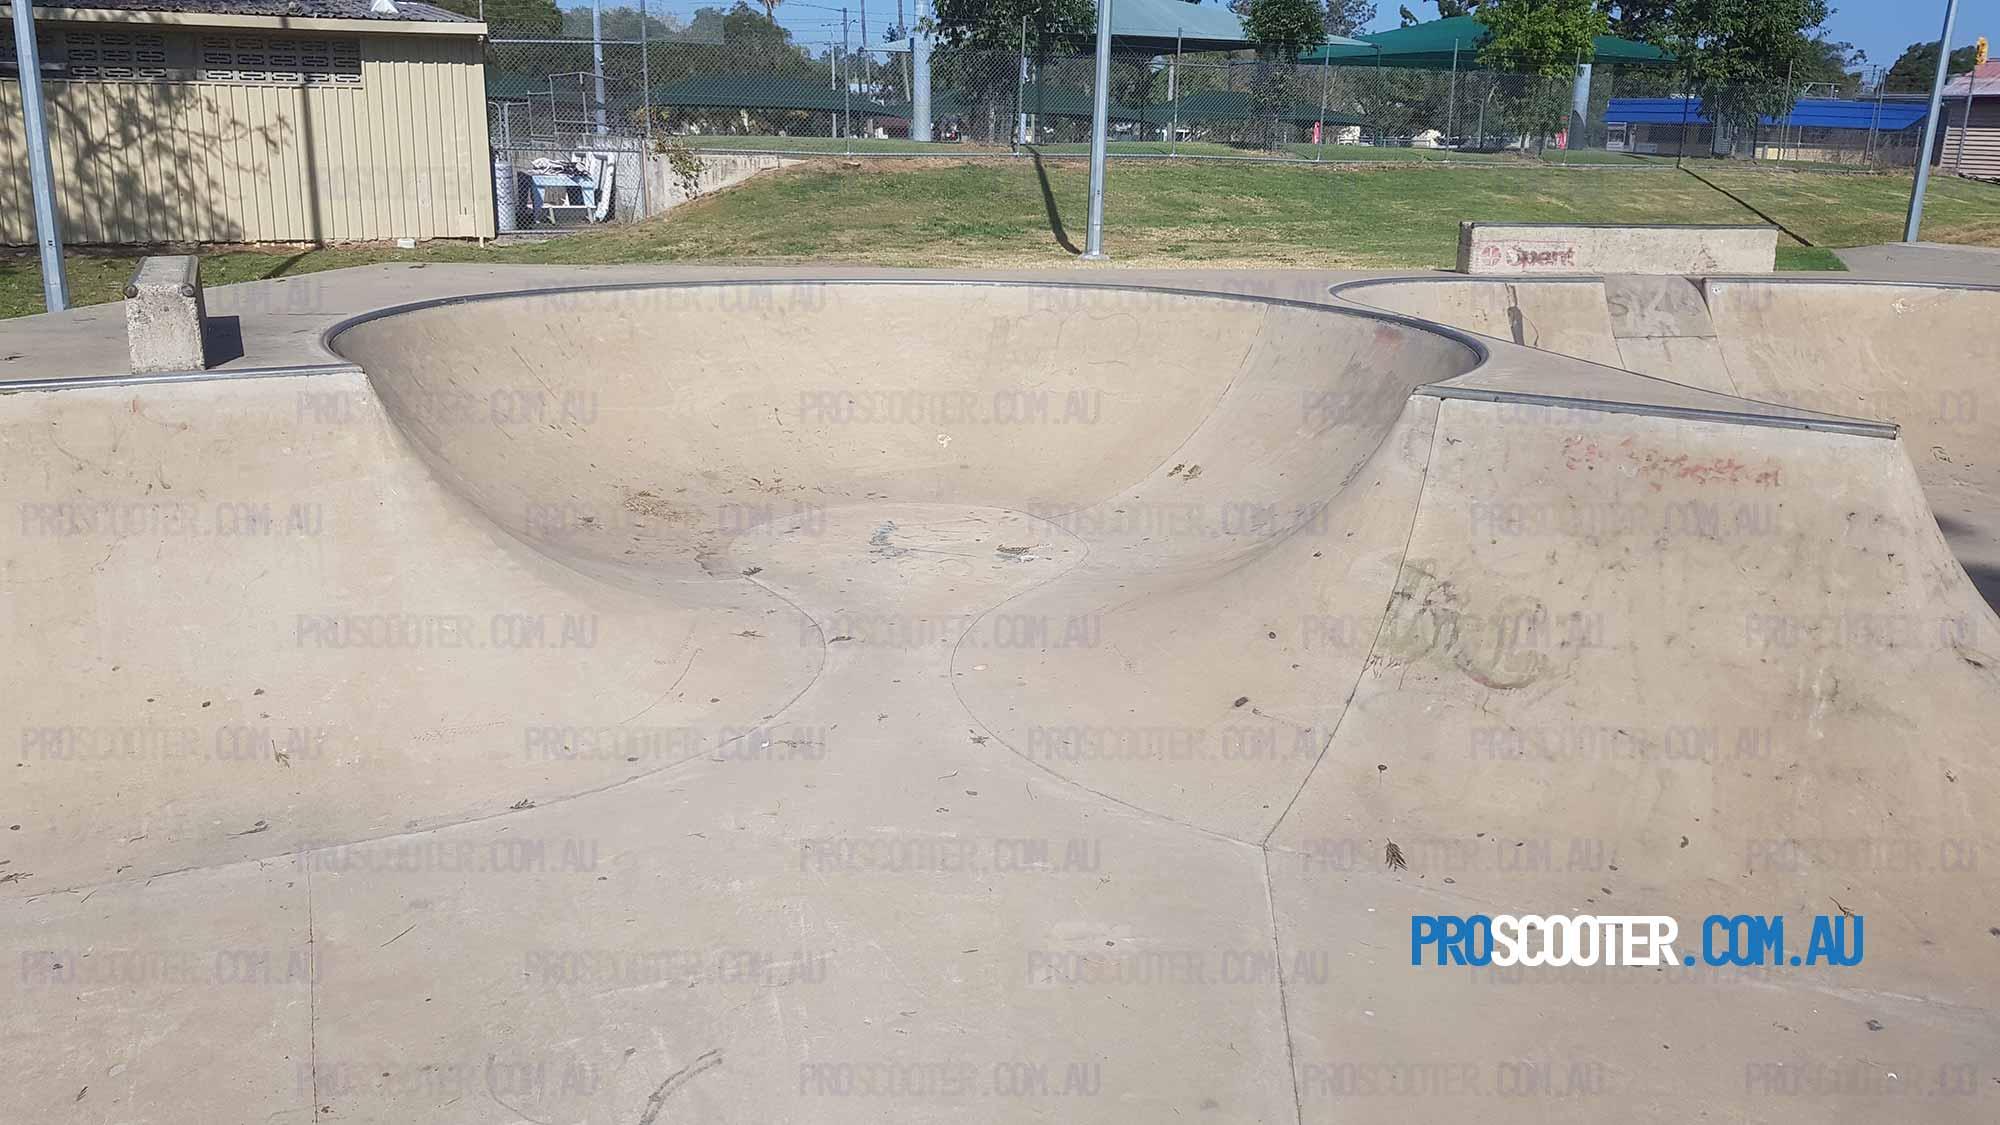 Beaudesert Skatepark round bowl